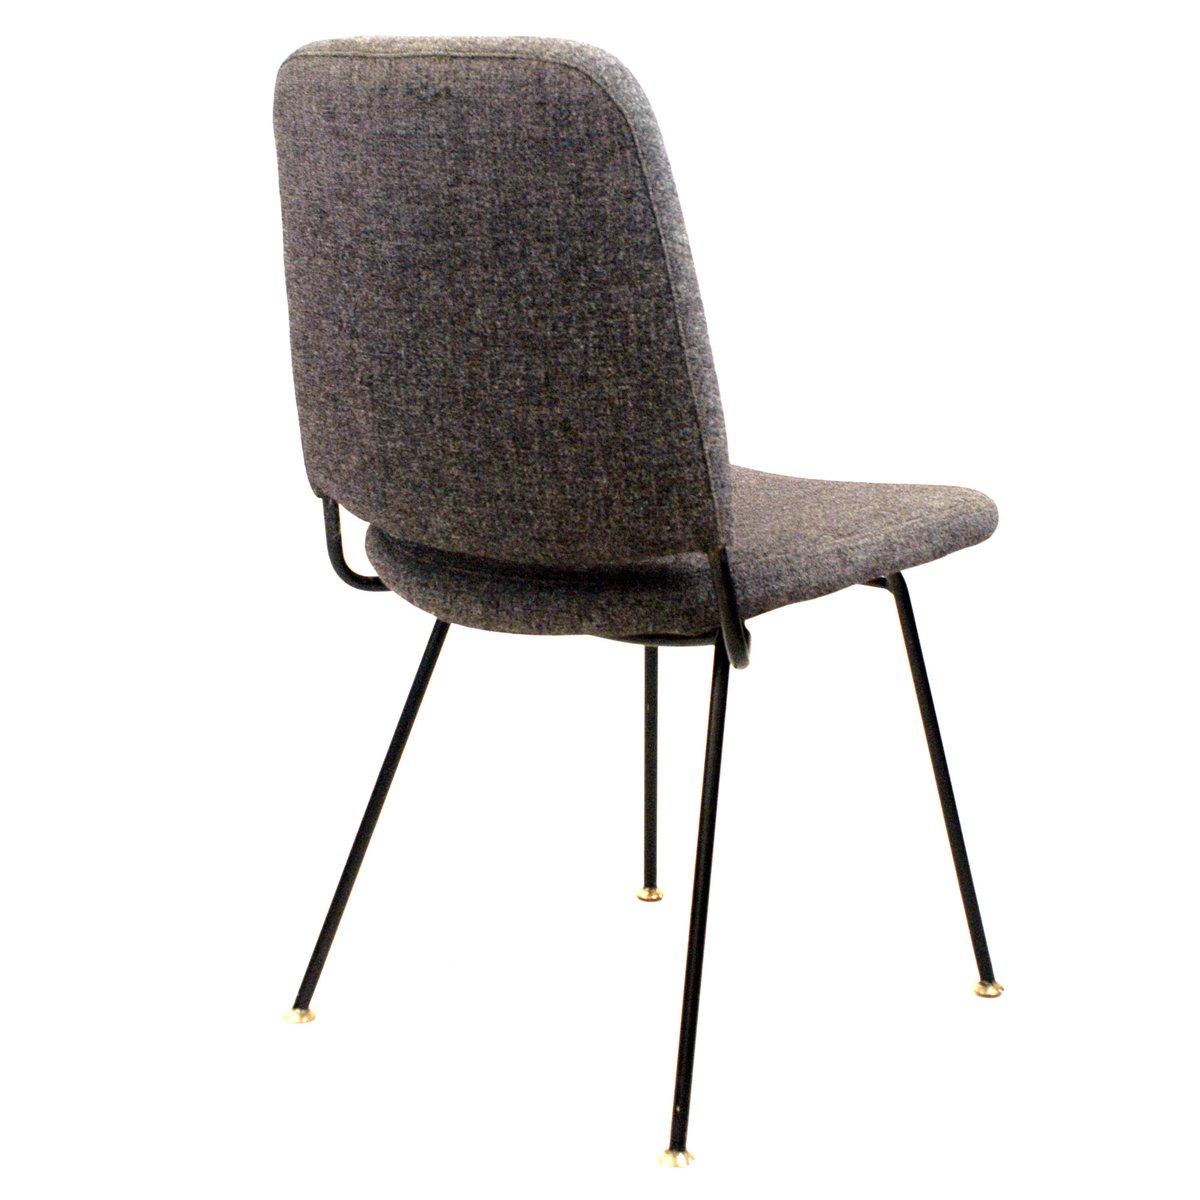 italienische st hle von arflex 1950er 2er set bei pamono. Black Bedroom Furniture Sets. Home Design Ideas